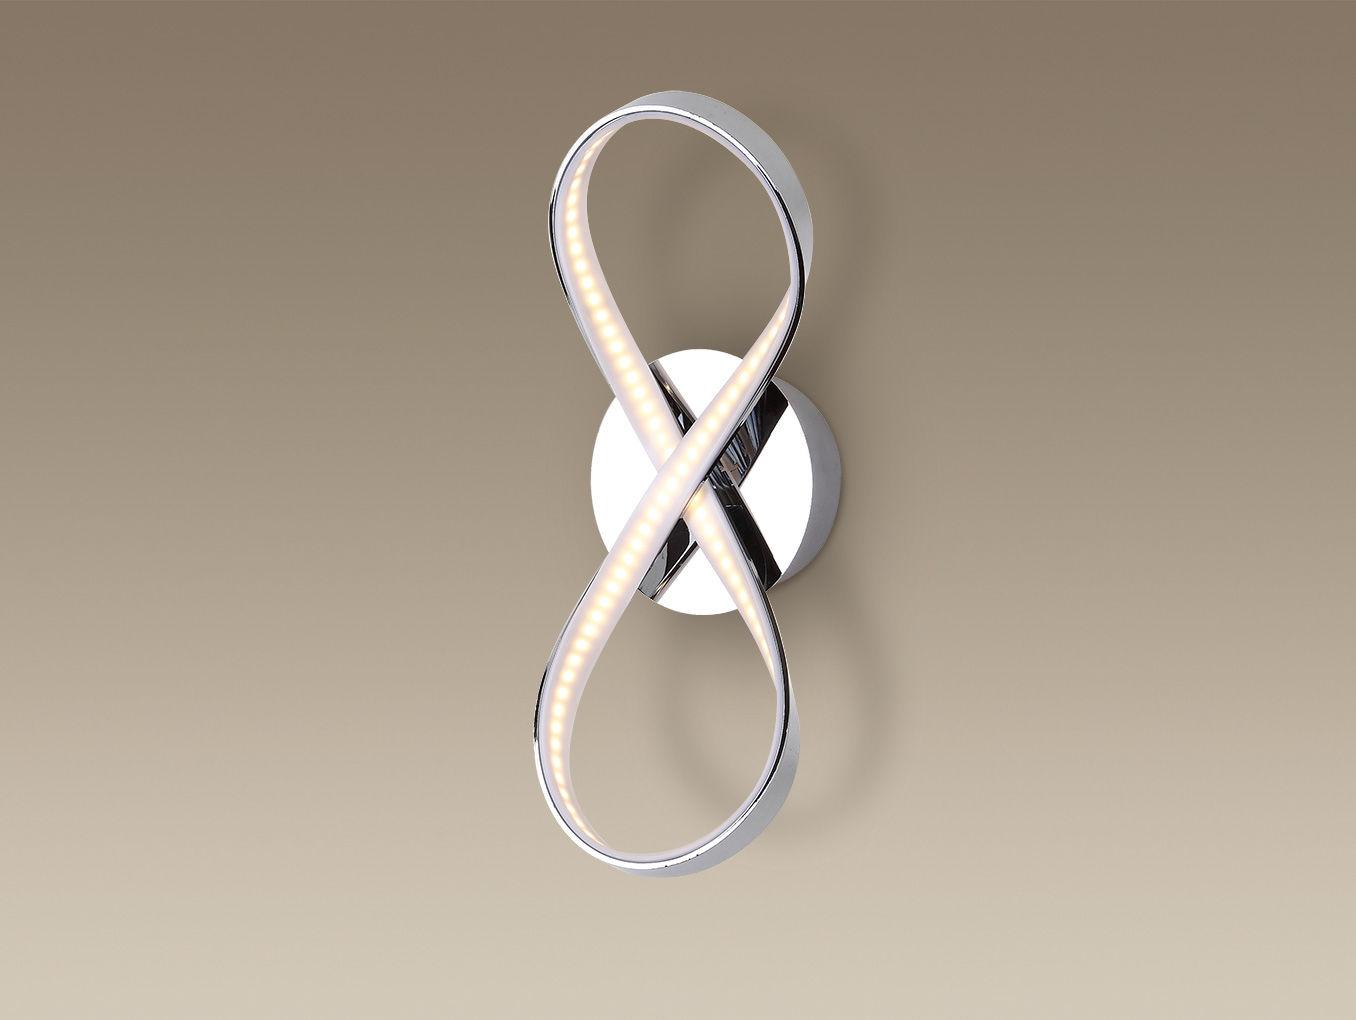 Kinkiet Infinity W1590 Maxlight